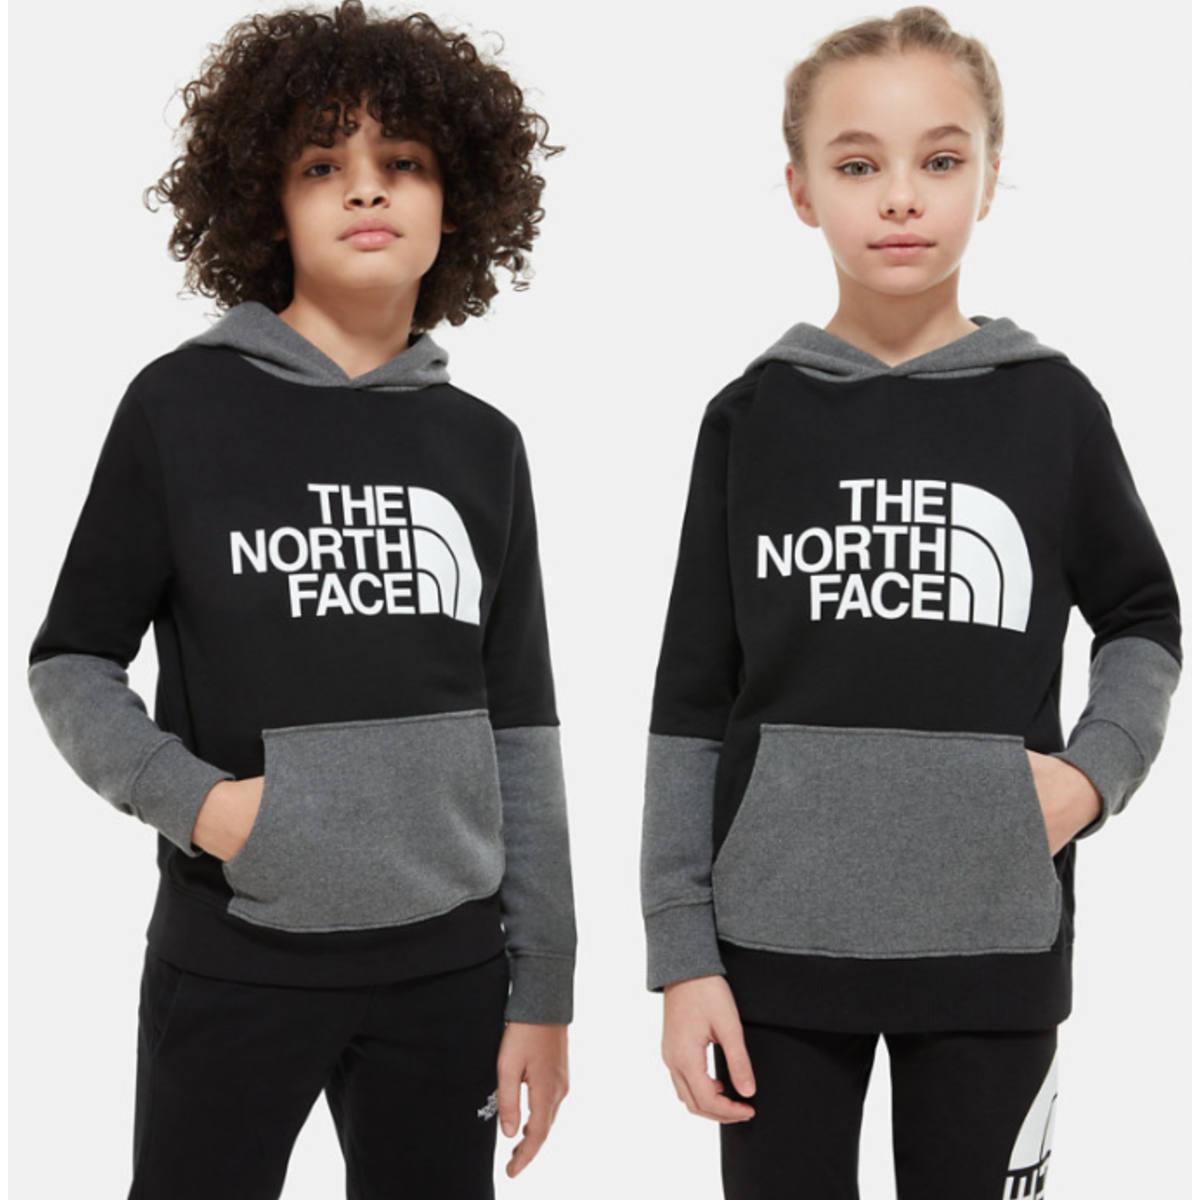 The North Face Felpa Leggera Bambini Drew Peak Con Cappuccio E Design A Blocchi Di Colore